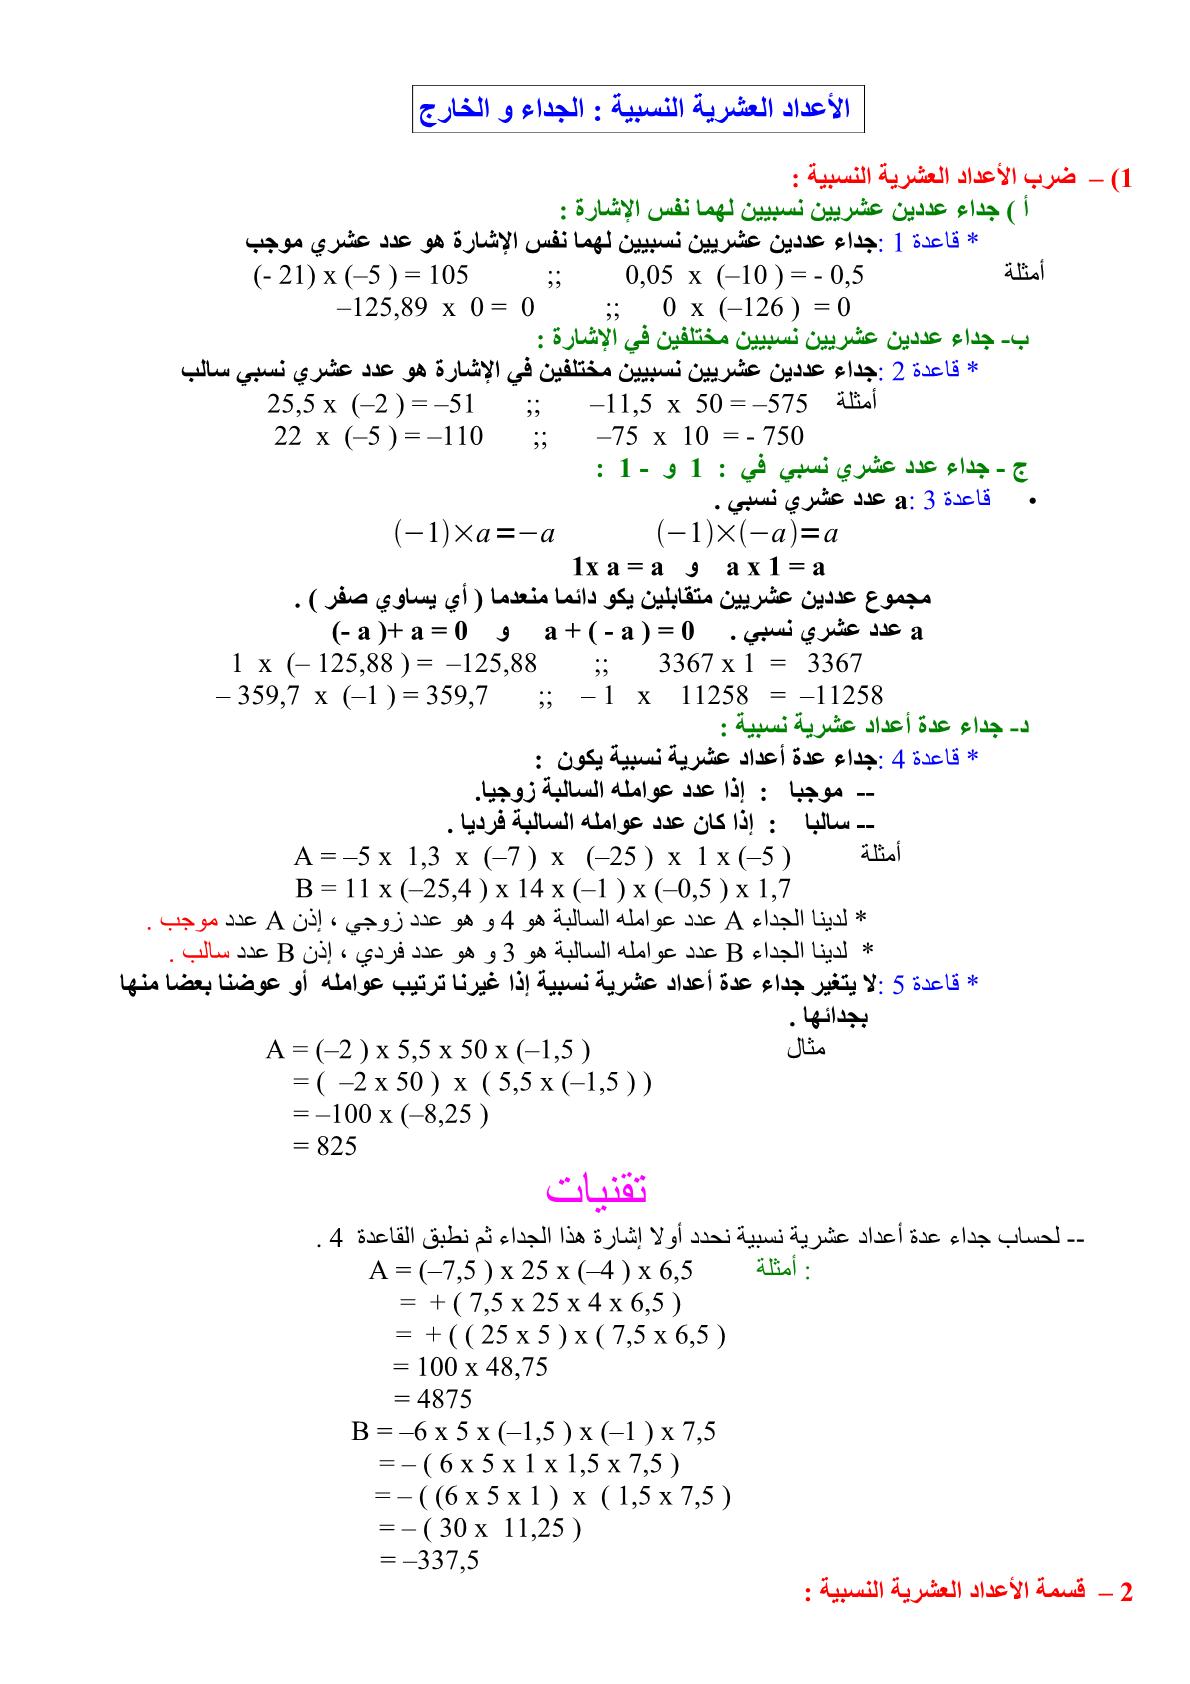 درس ضرب وقسمة الأعداد العشرية النسبية للمستوى الأولى إعدادي